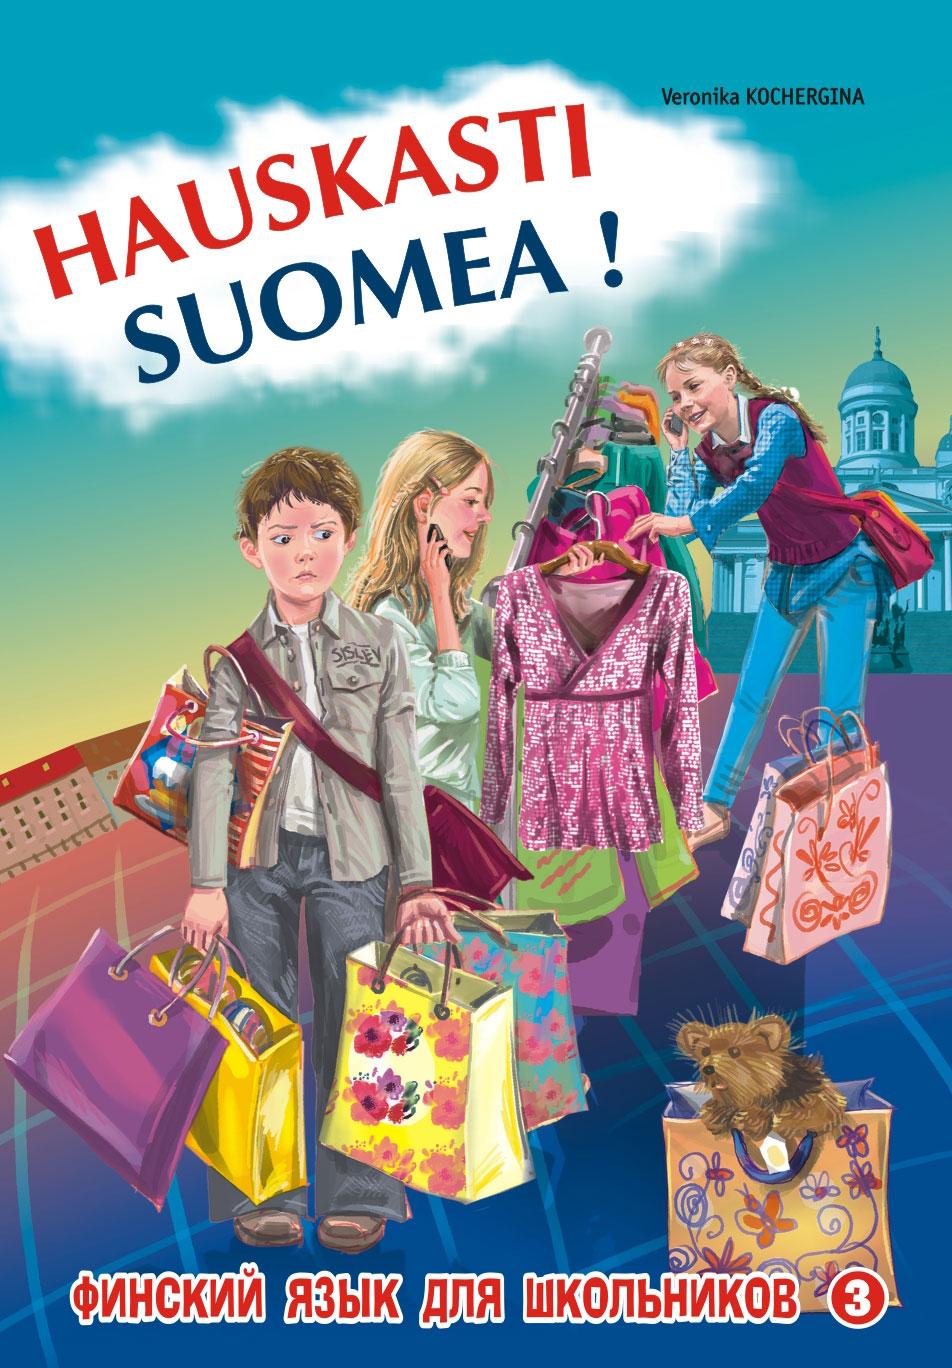 В. К. Кочергина Финский – это здорово! Финский язык для школьников. Книга 3 кочергина в к финский это здорово финский язык для школьников книга 1 hauskasti suomea